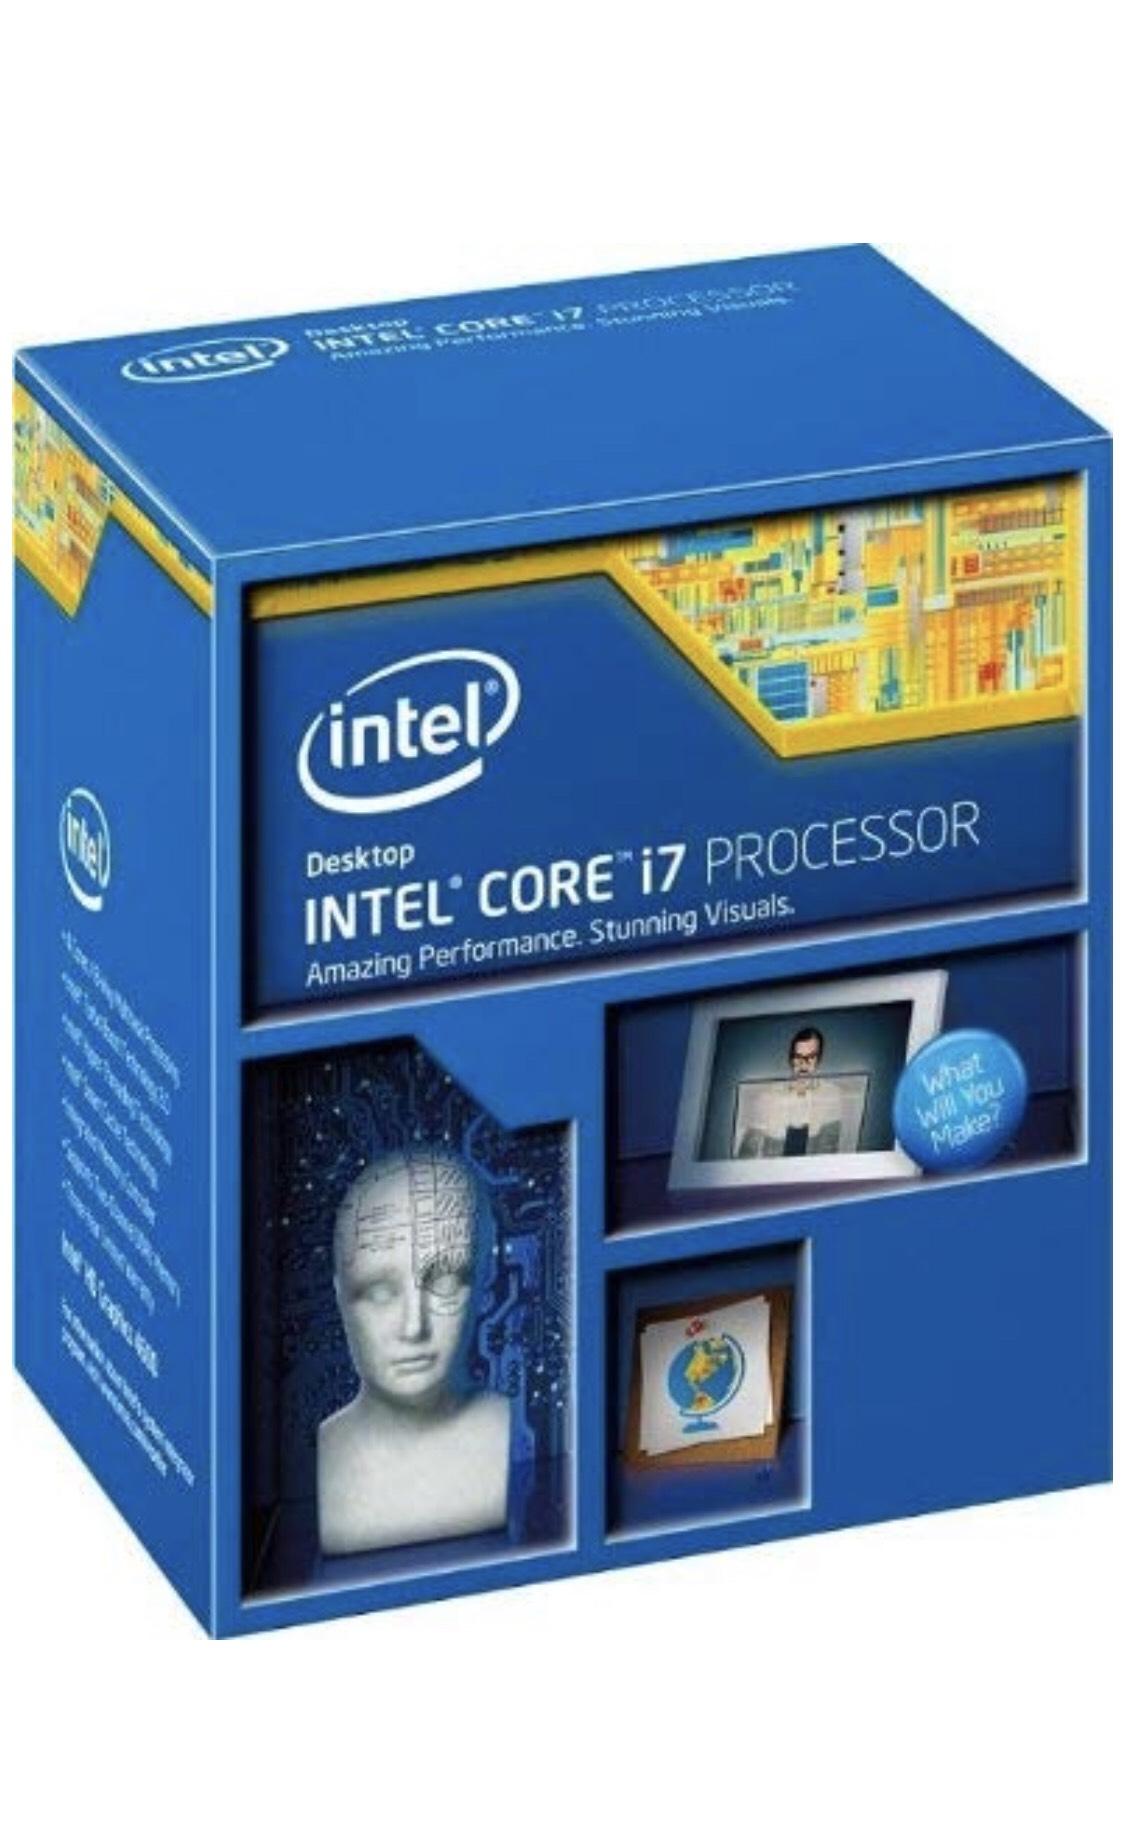 Amazon: Intel Core i7-4790S Processor (8M Cache, 3.2 GHz) BX80646I74790S